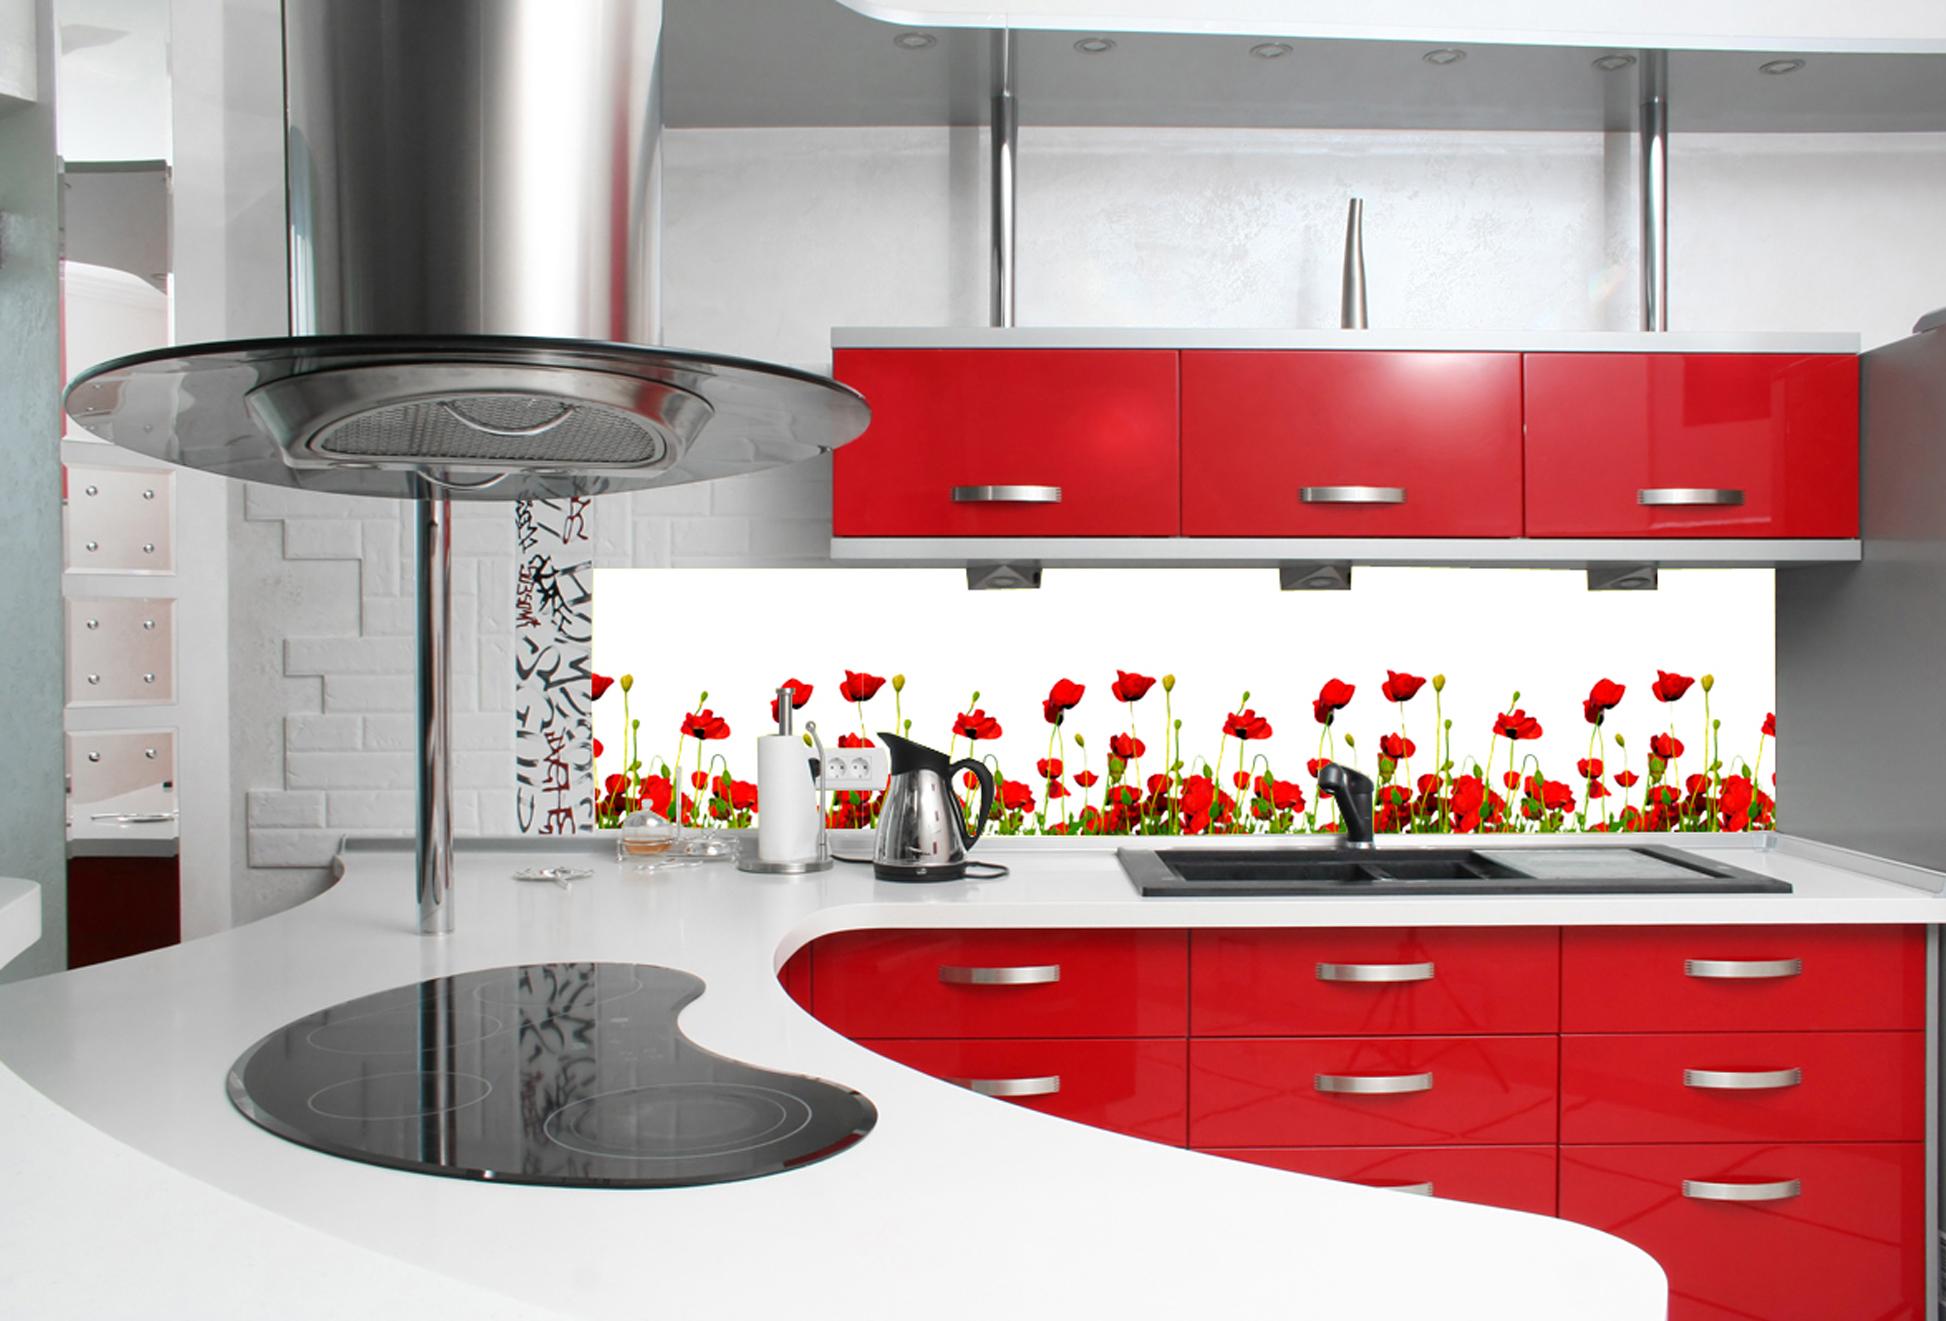 Idee per pitturare cucina classica - Piastrelle cucina rosse ...